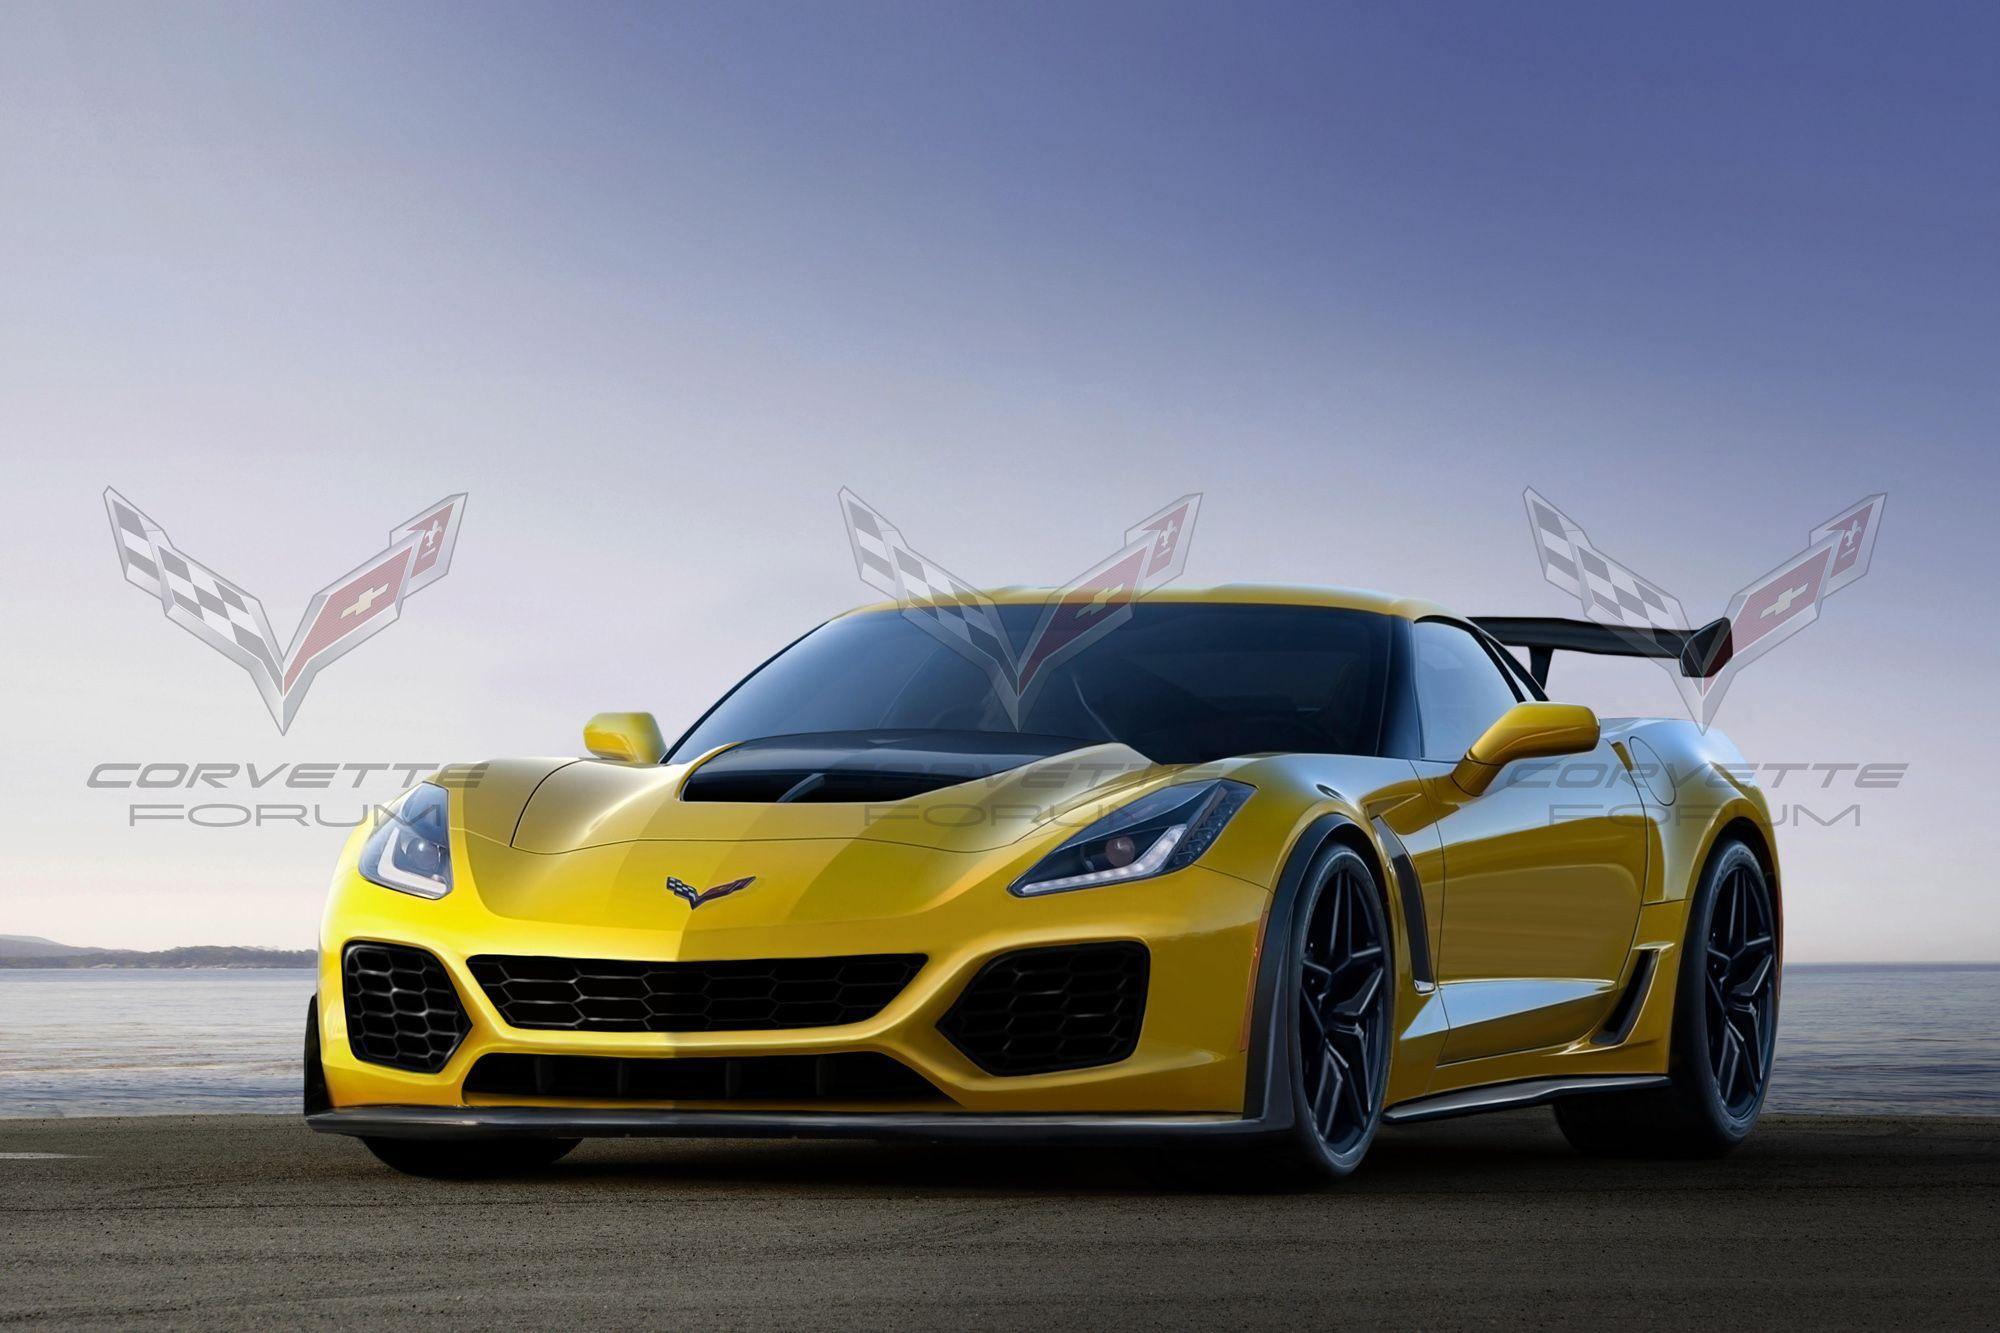 New Corvette Zr1 Could Be Baddest Ever Corvette Zr1 Corvette